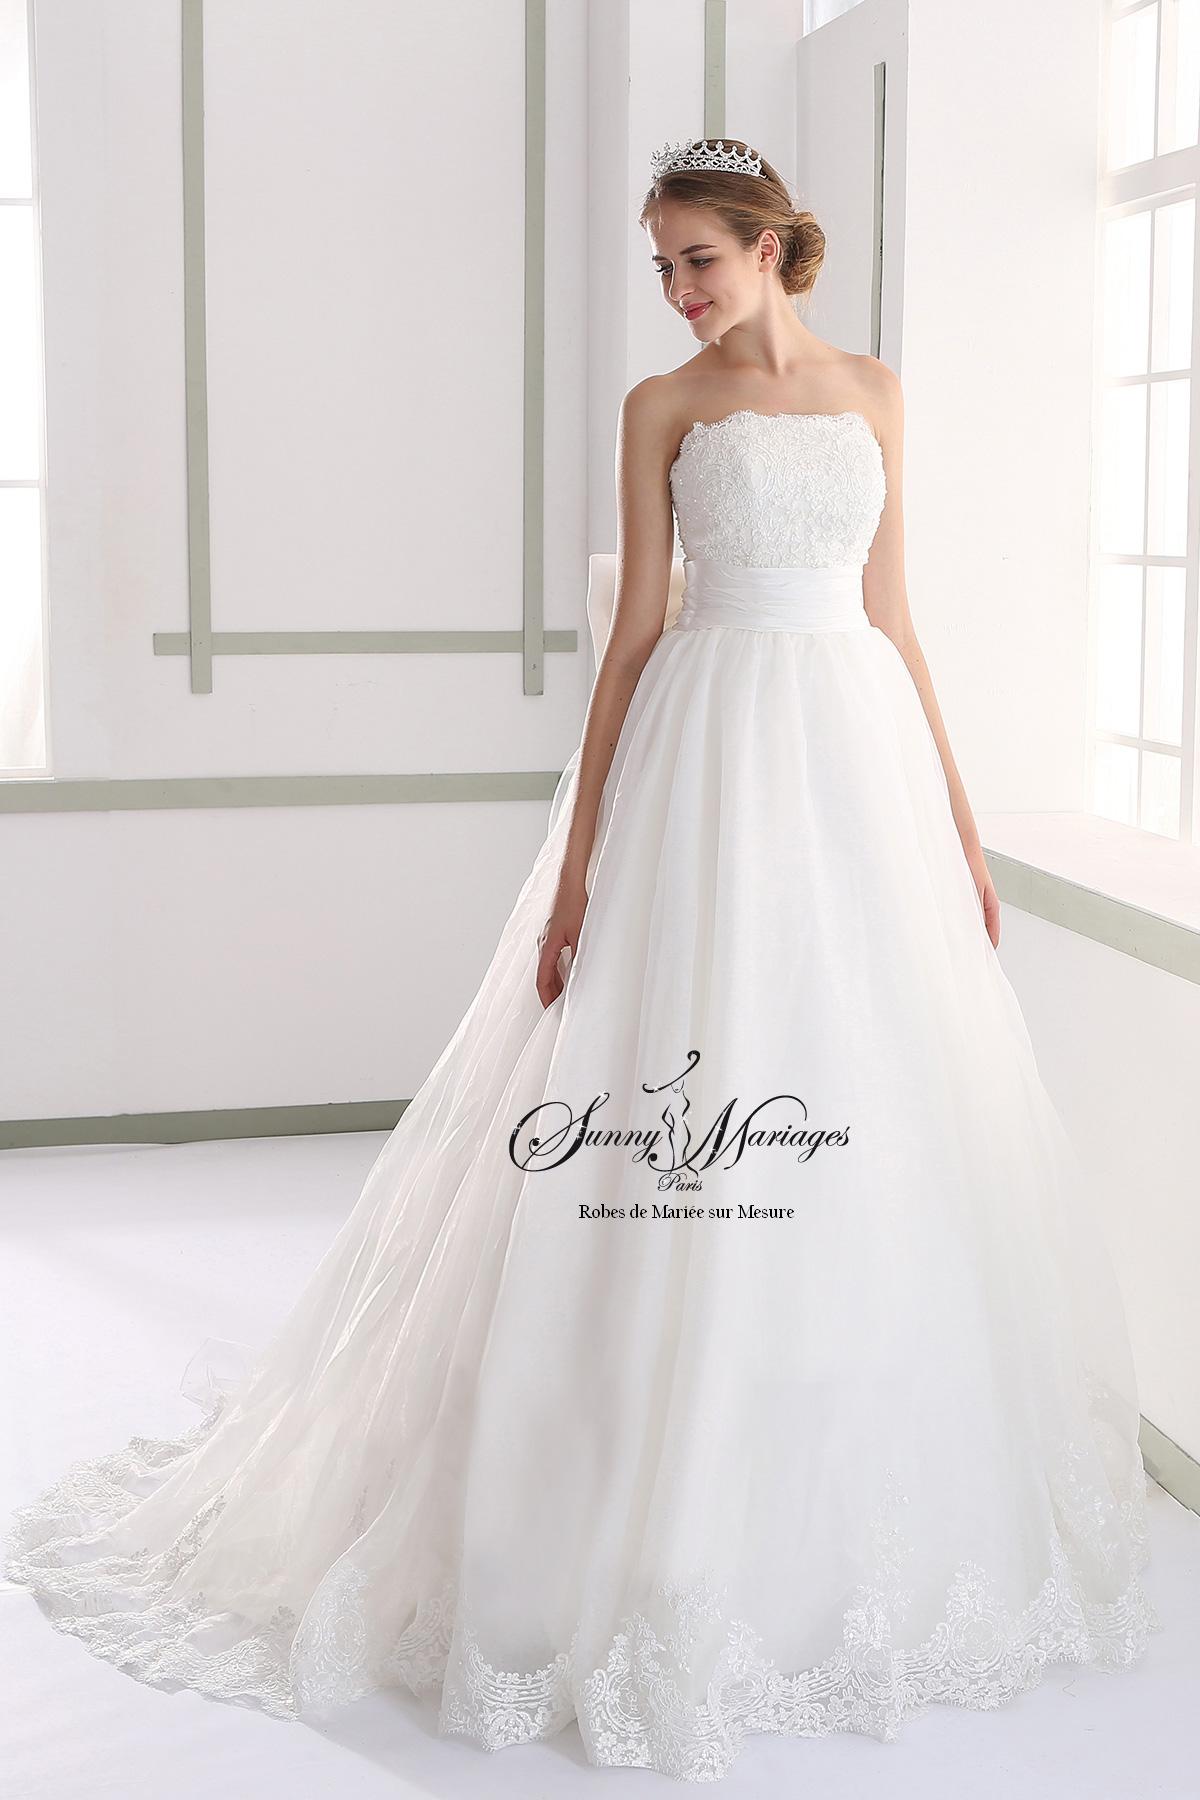 ... Mariage » robe de mariée » Robe de mariée princesse « Voltige